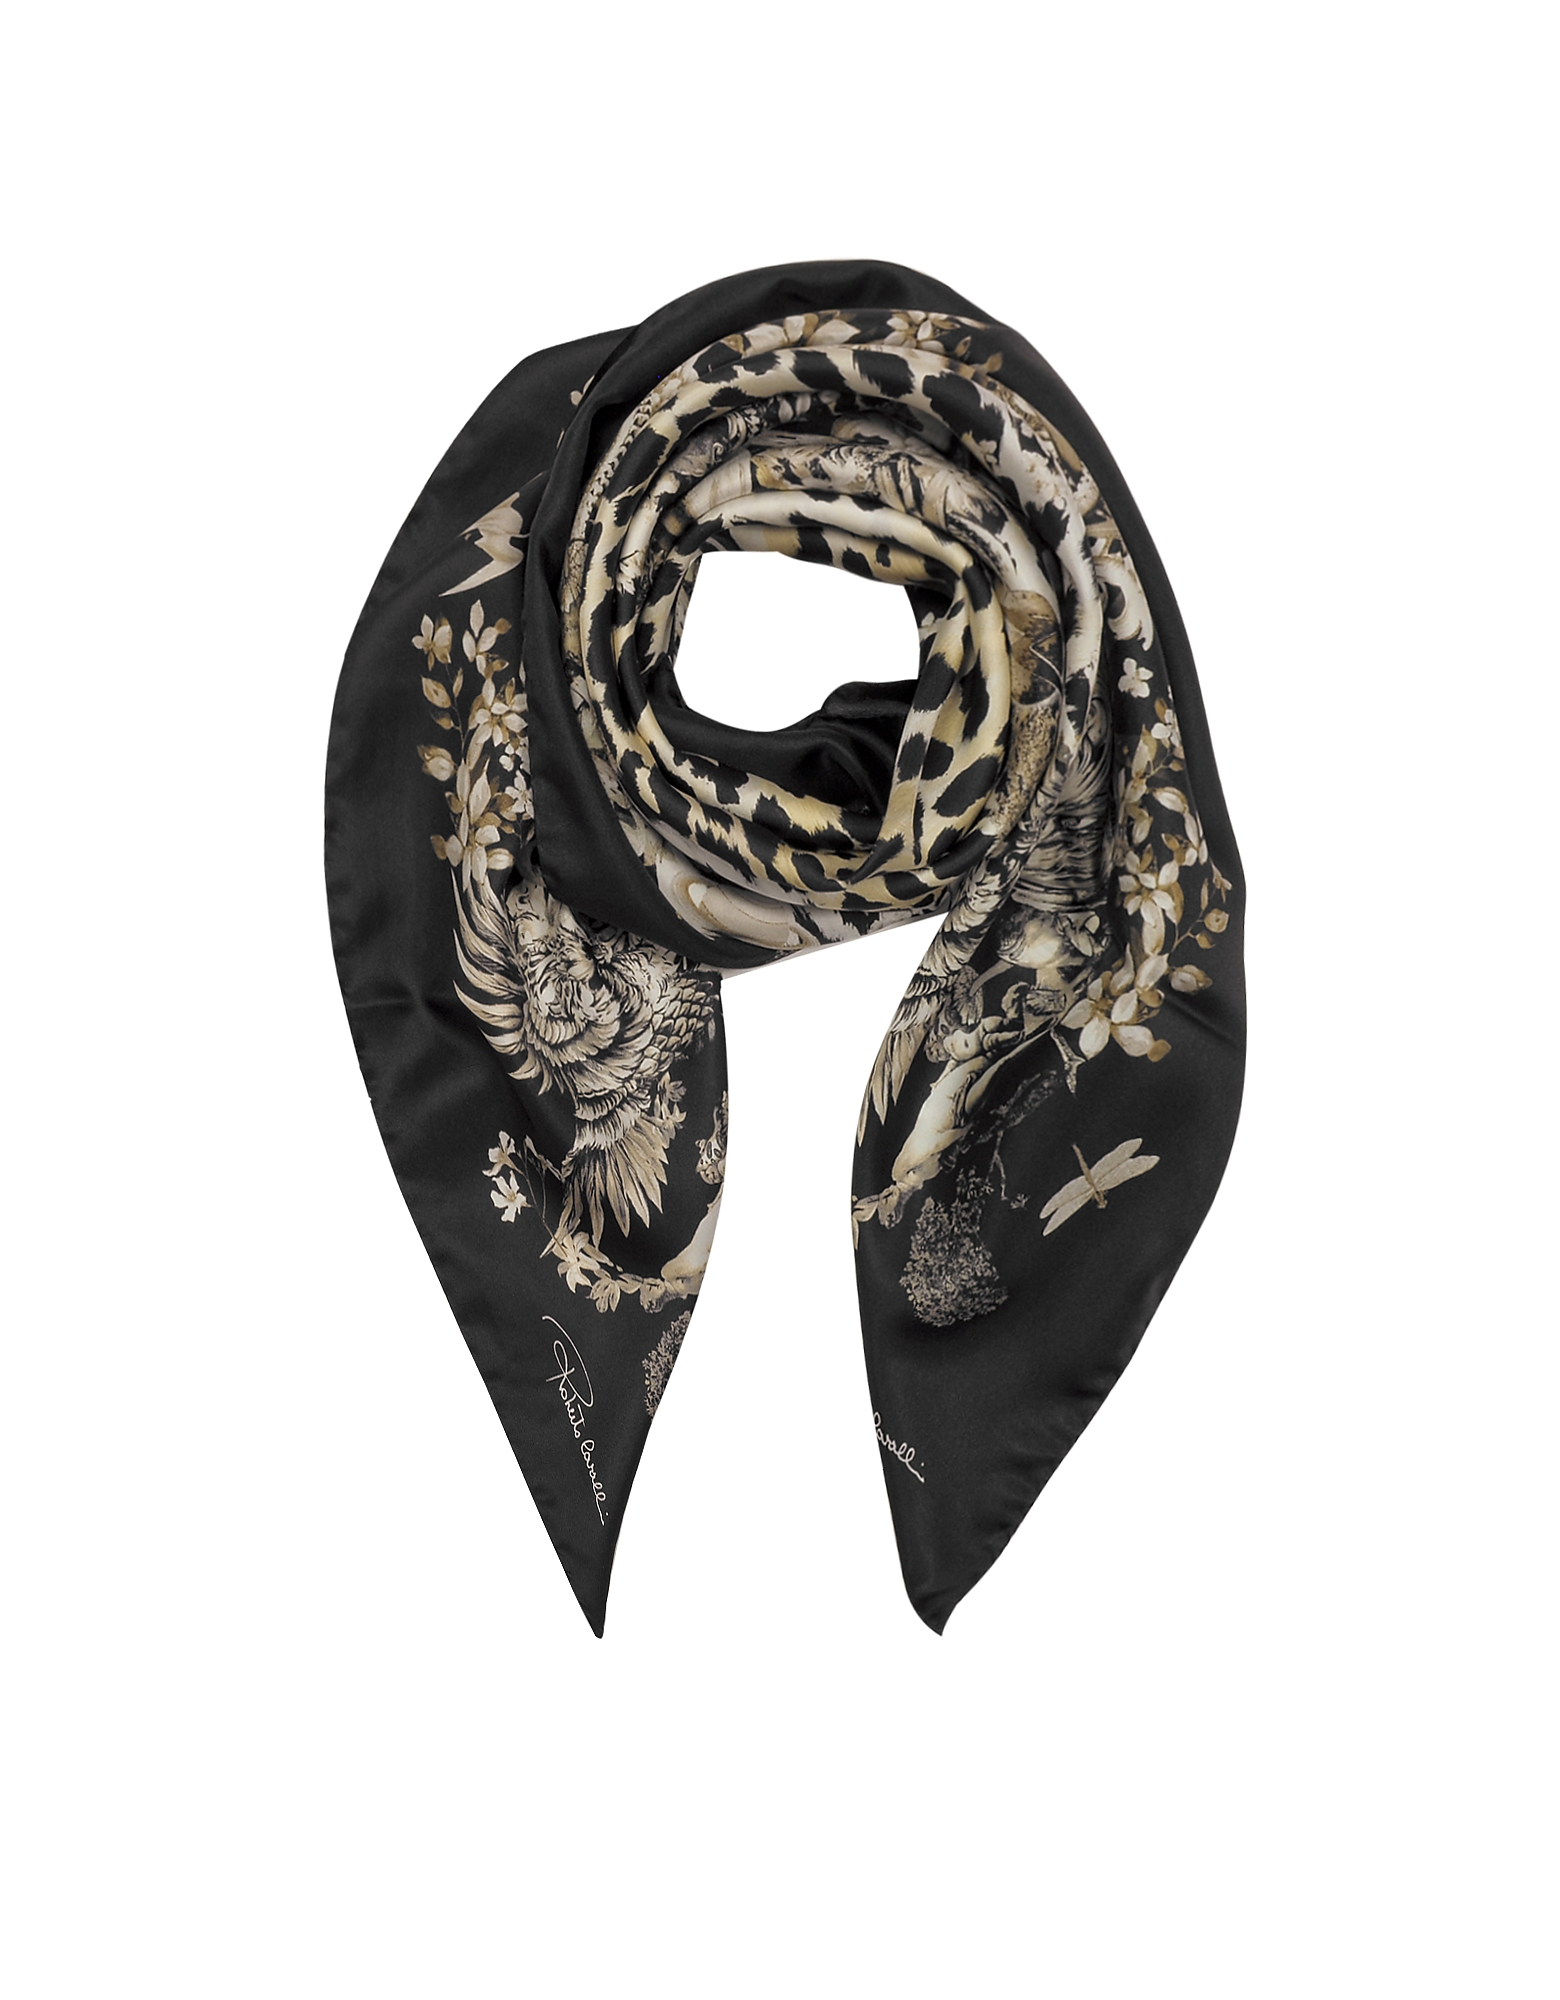 Черная Шелковая Косынка с Телесным Принтом Природы и Леопардового Узора